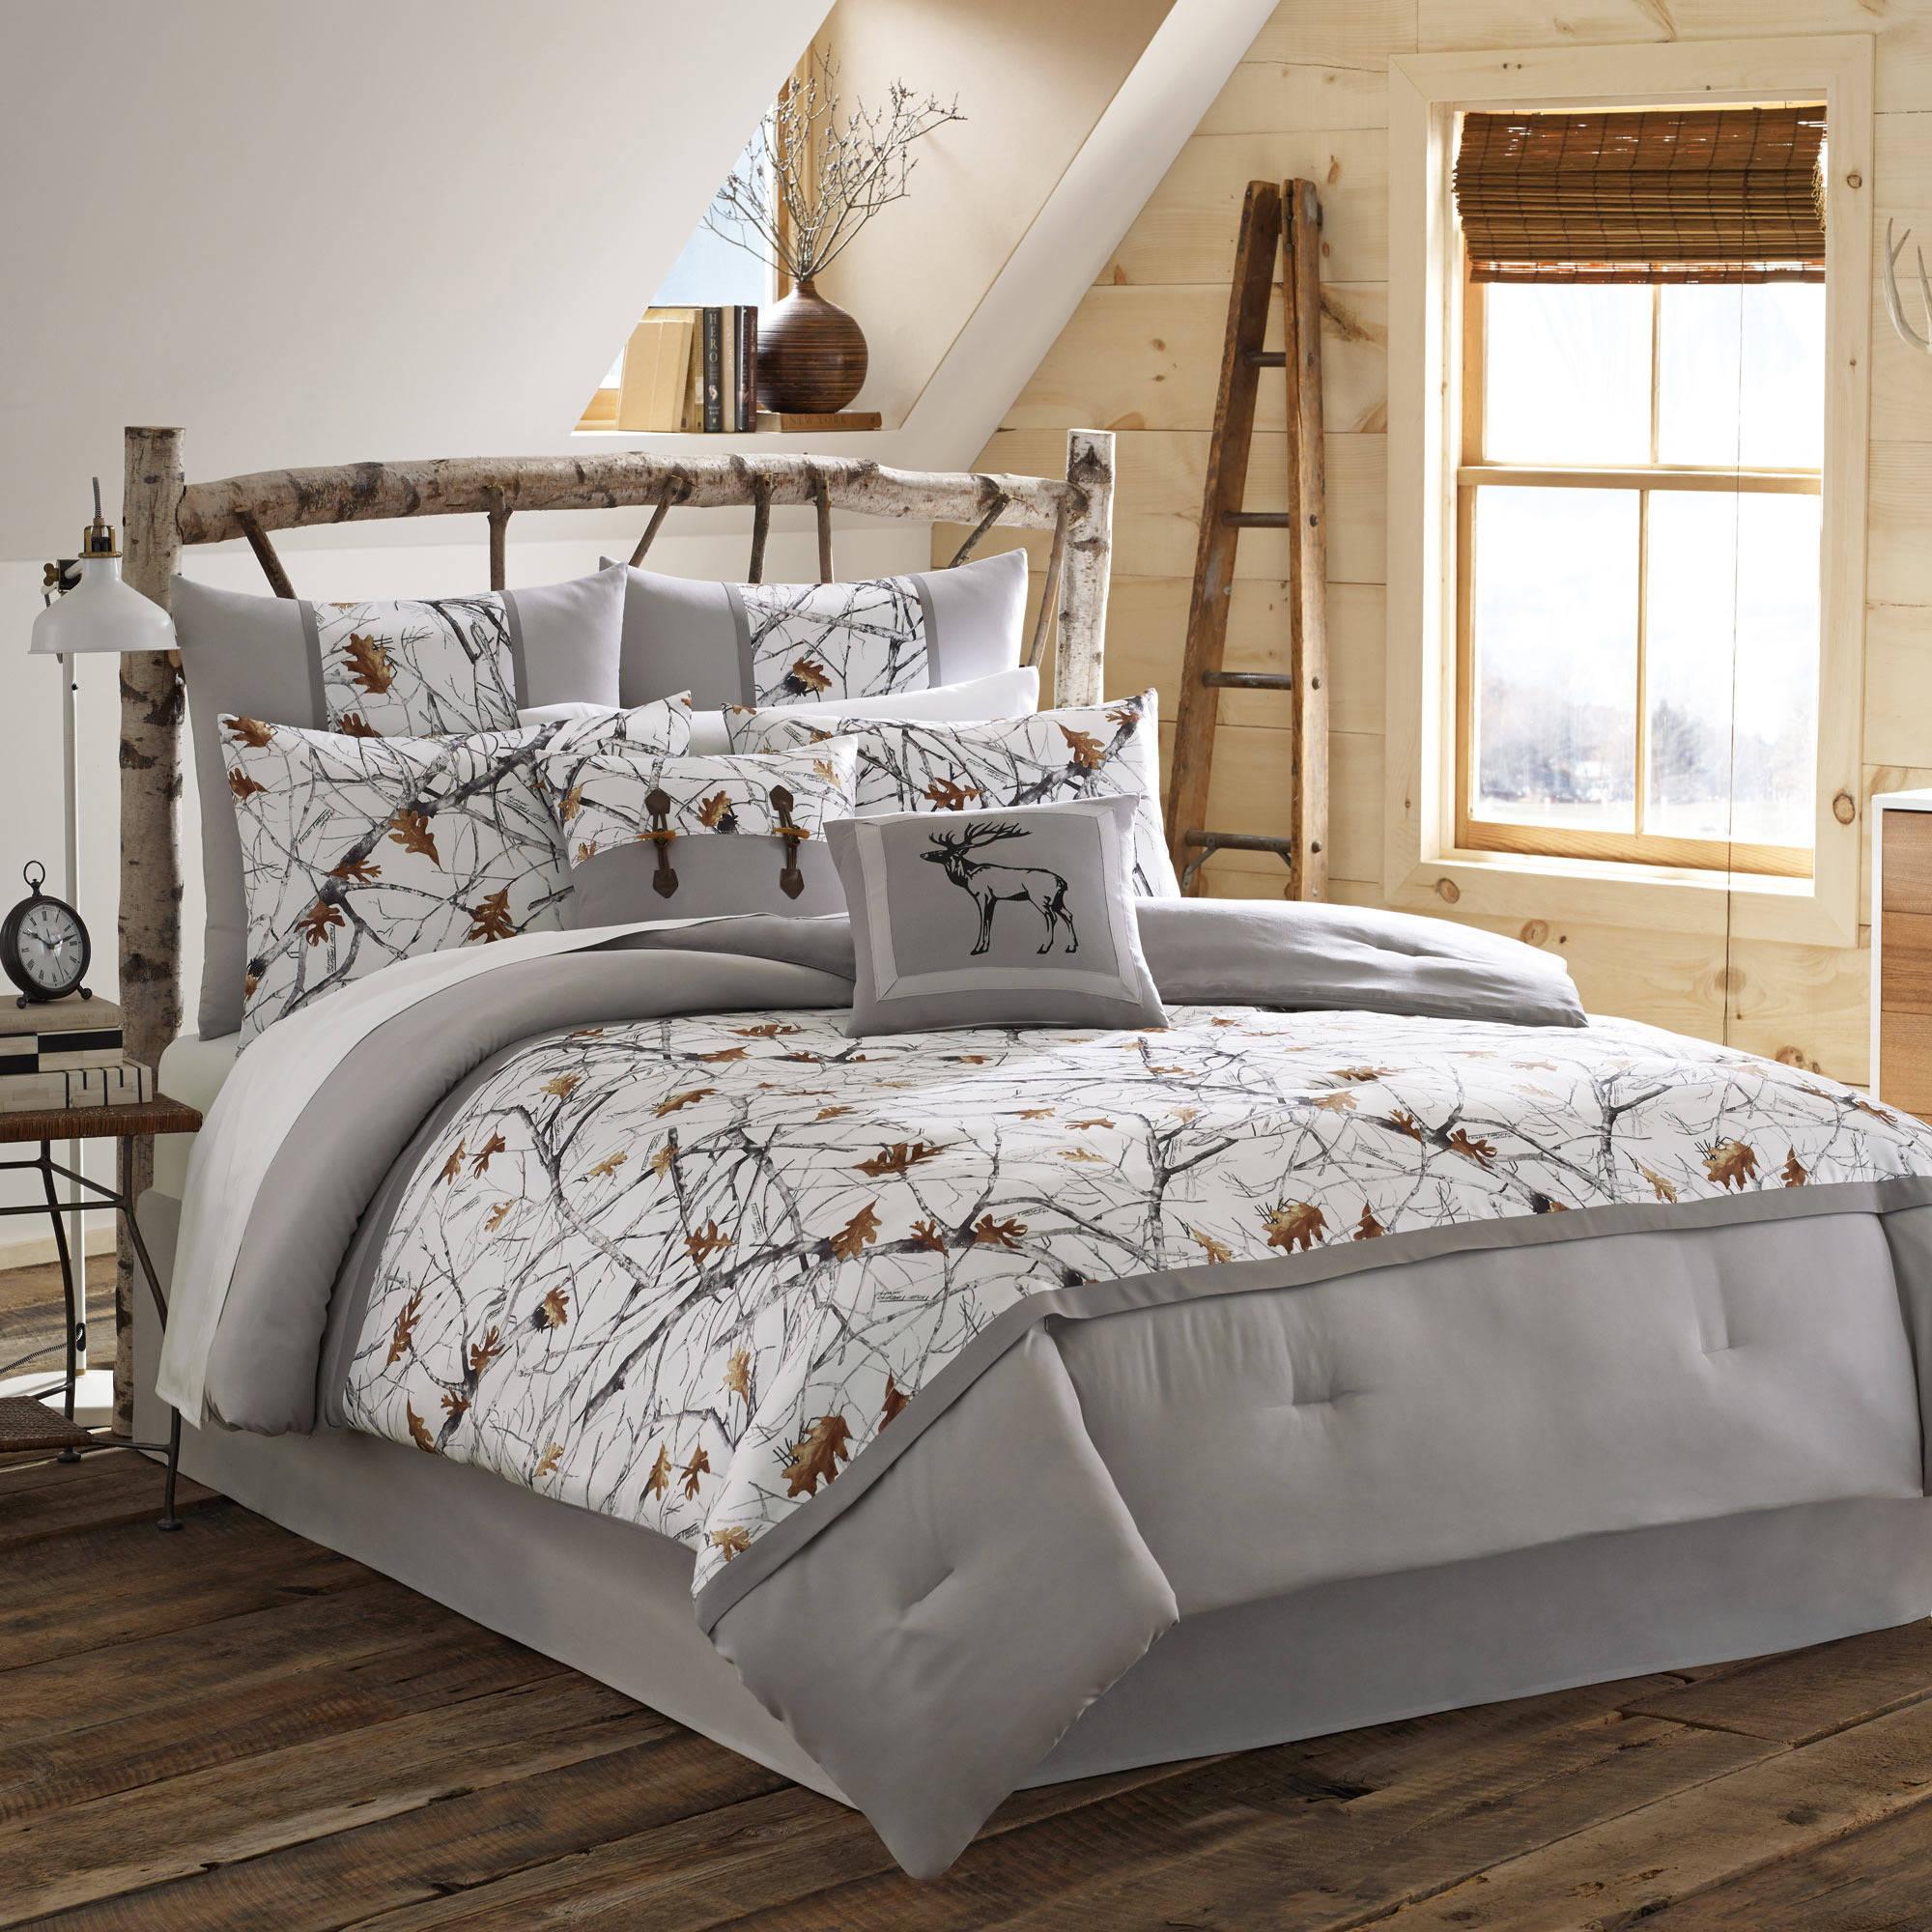 white comforter sets - true timber snowfall bedding comforter set white